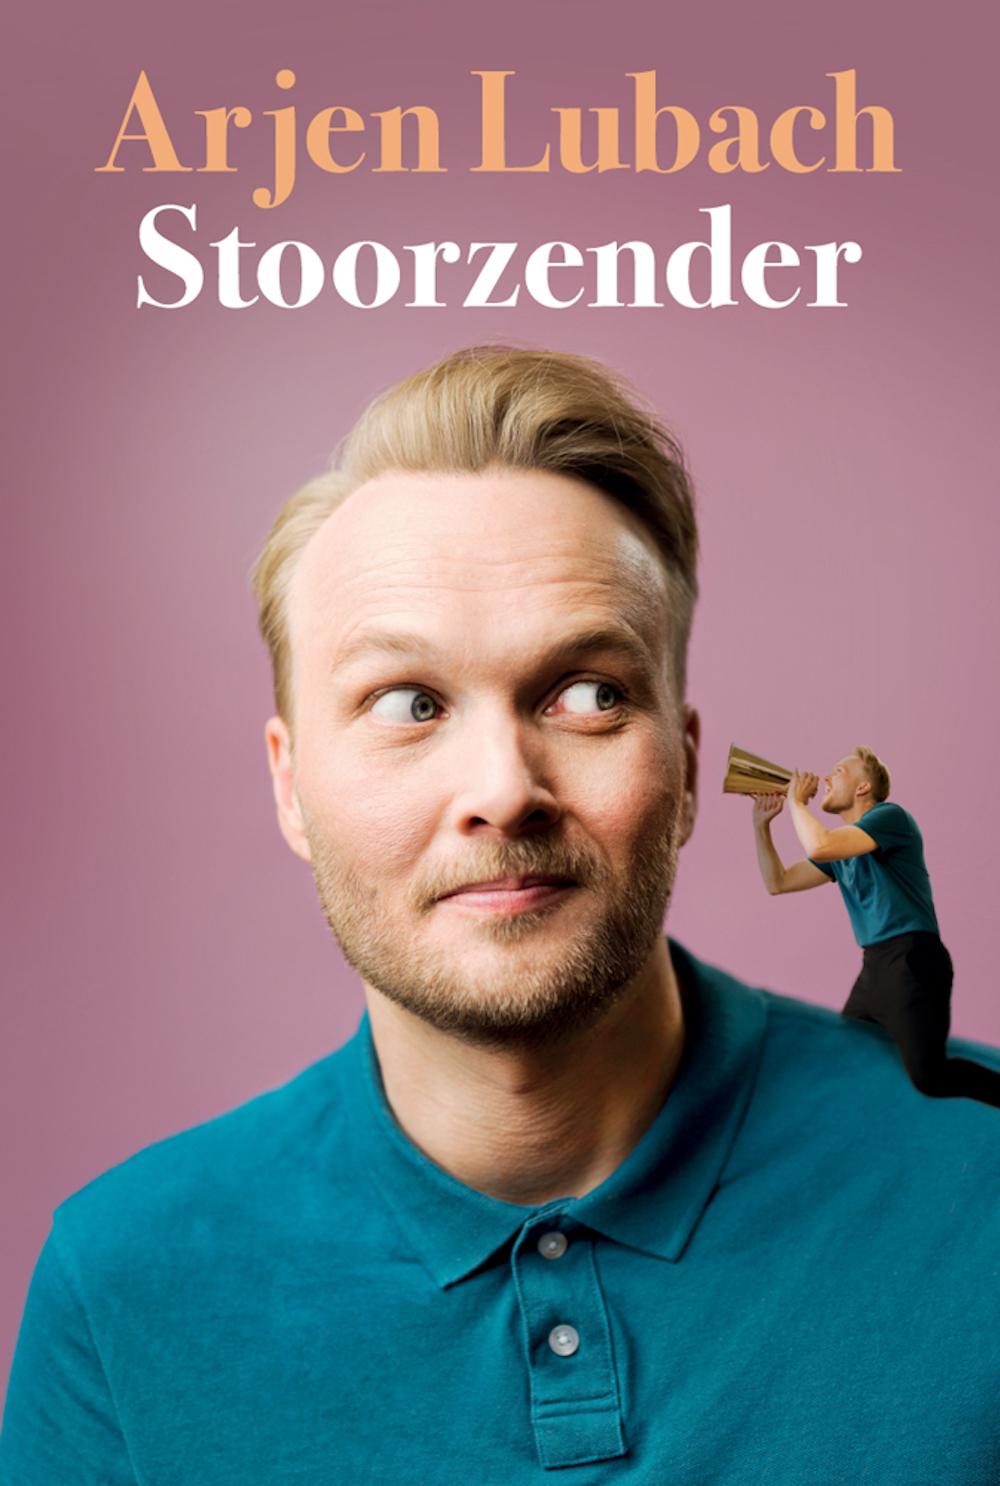 Stoorzender - boekenflits.nl